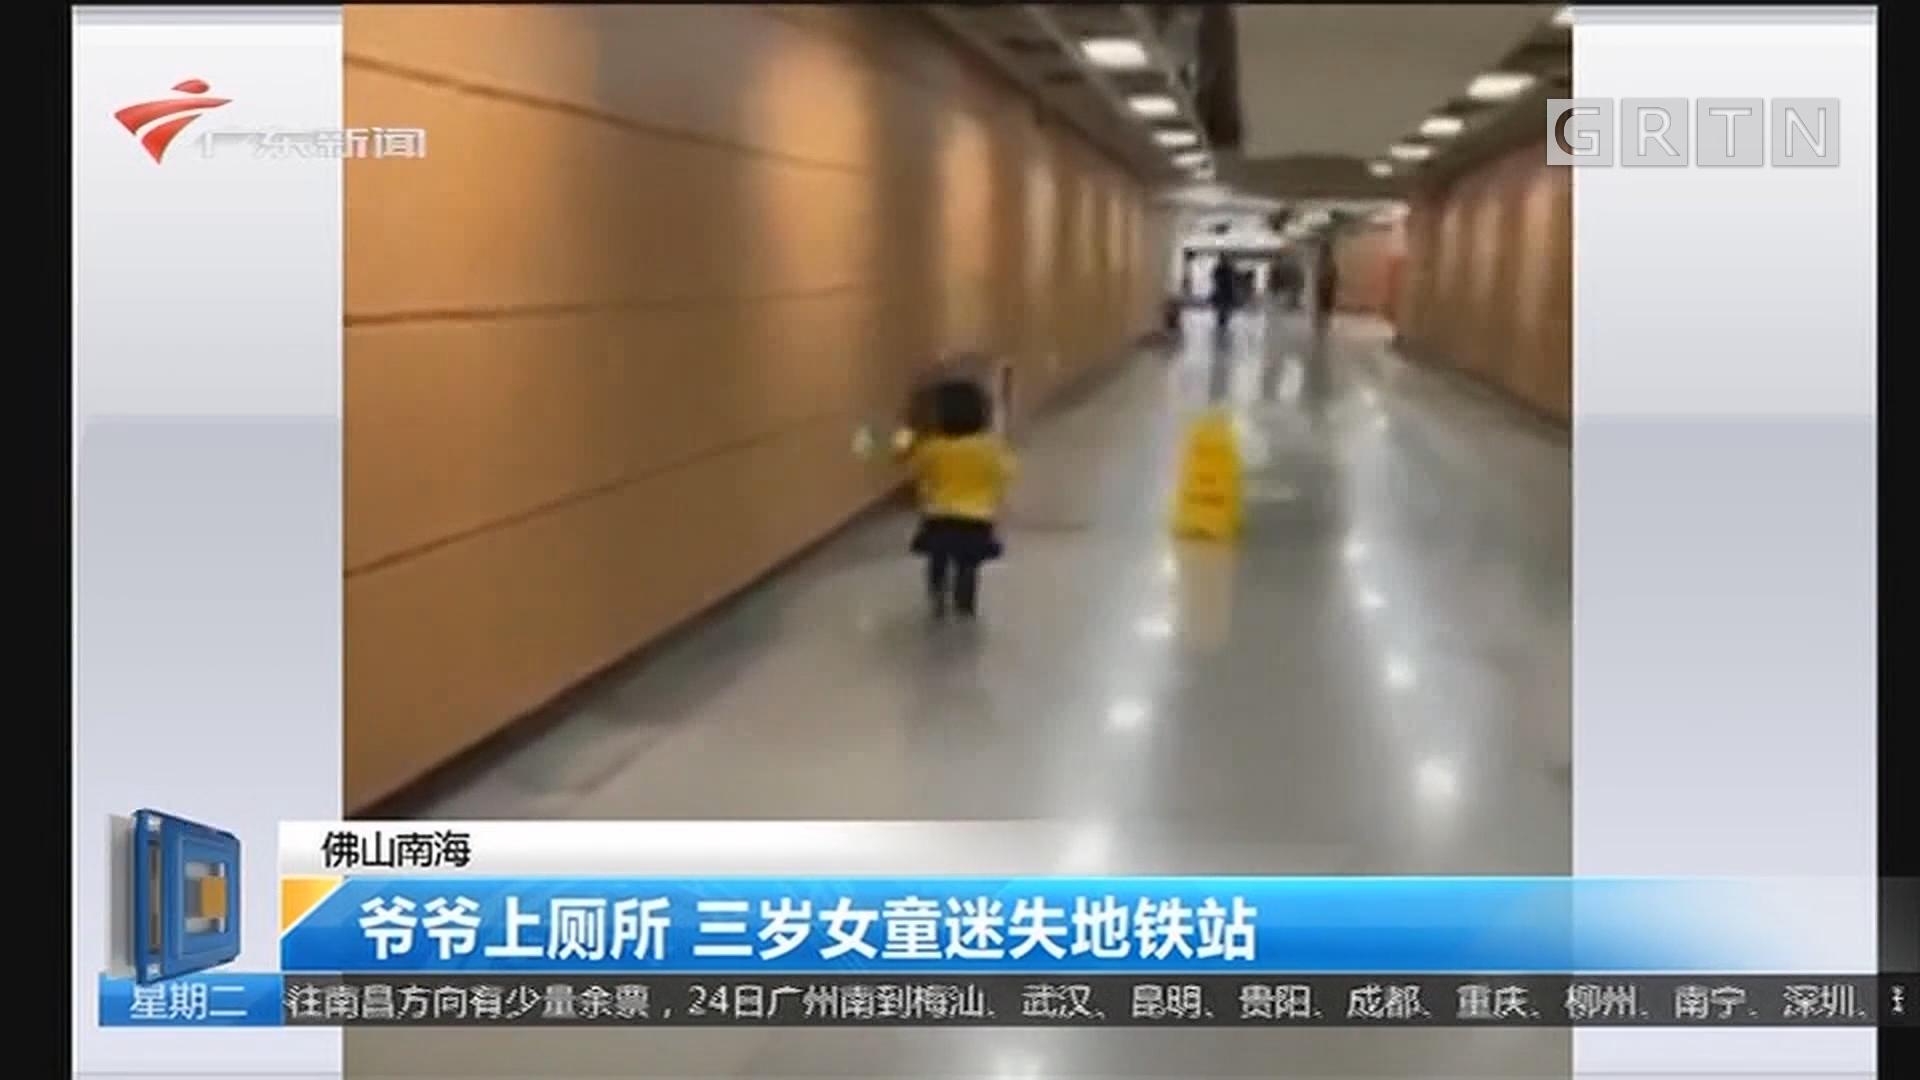 佛山南海:爷爷上厕所 三岁女童迷失地铁站